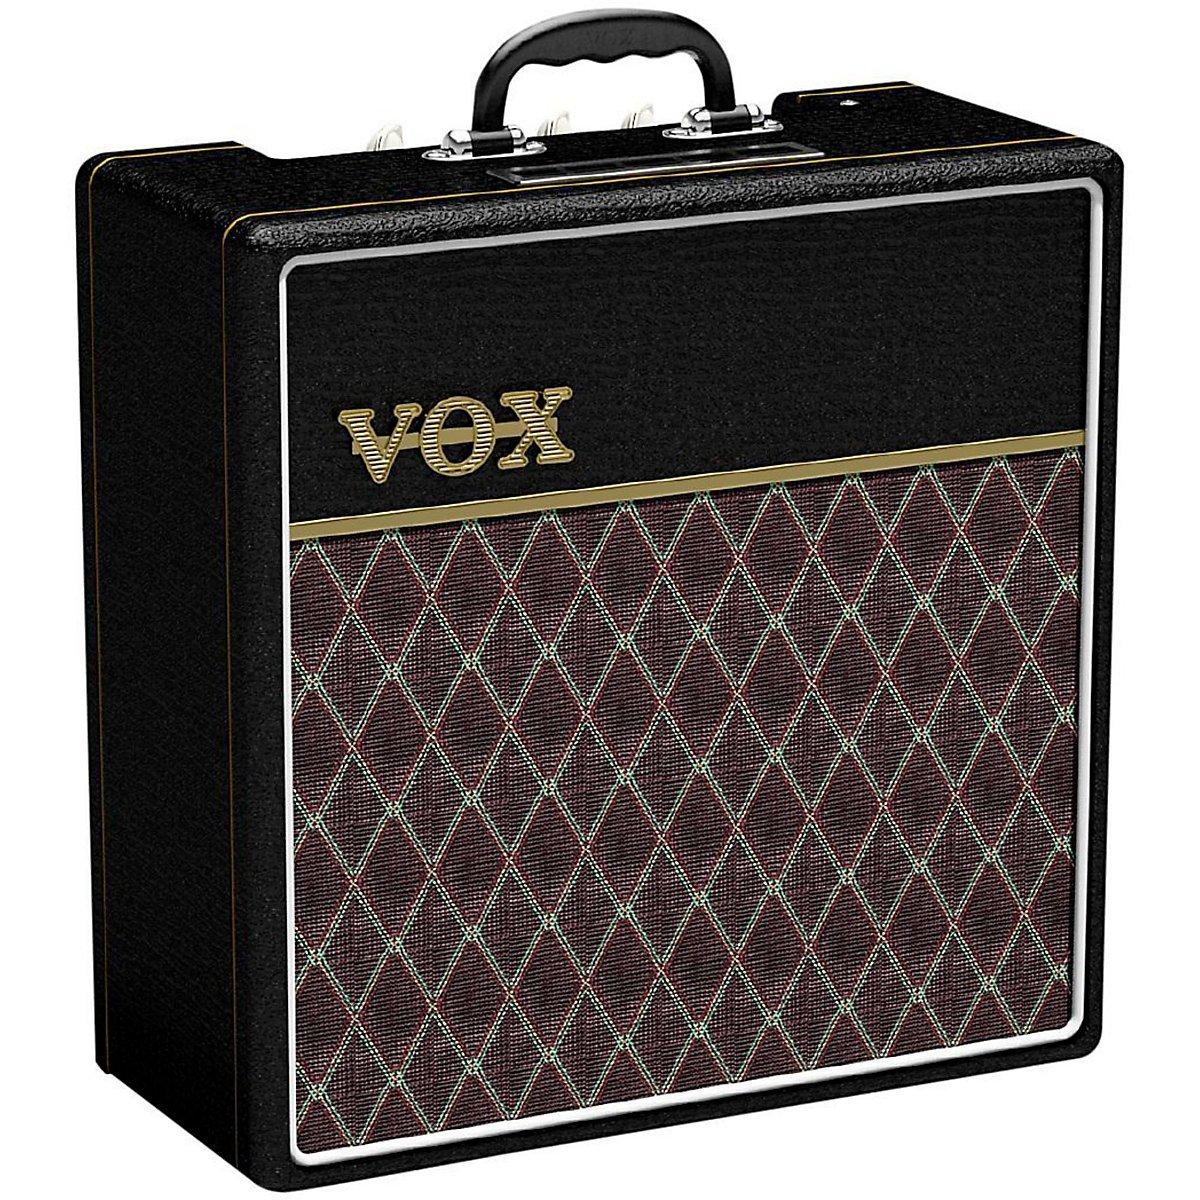 Amplificadores vox